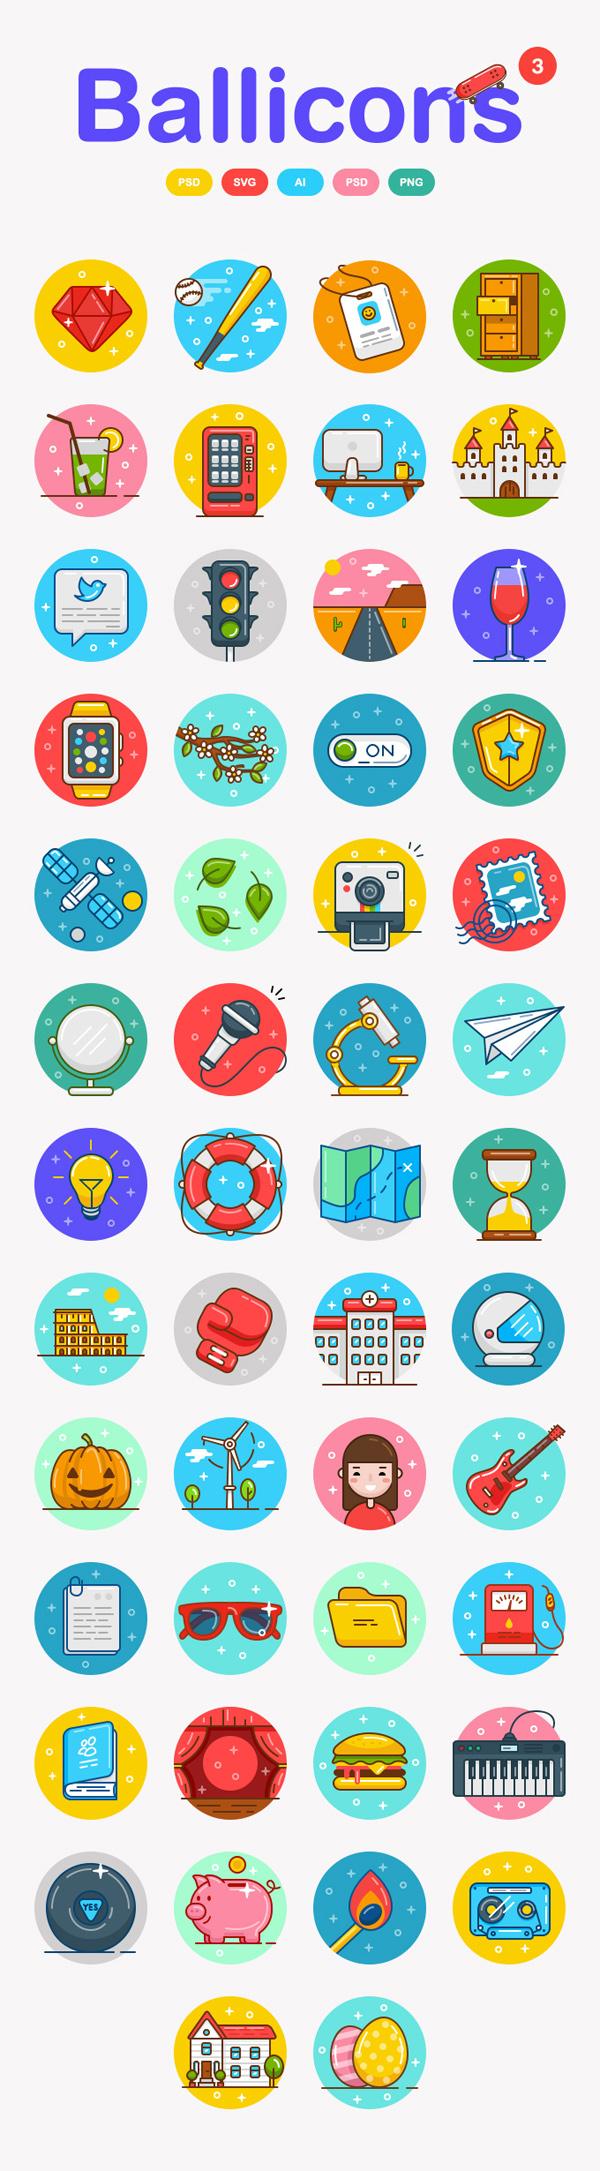 Free Ballicons Icons Set (50 Icons)